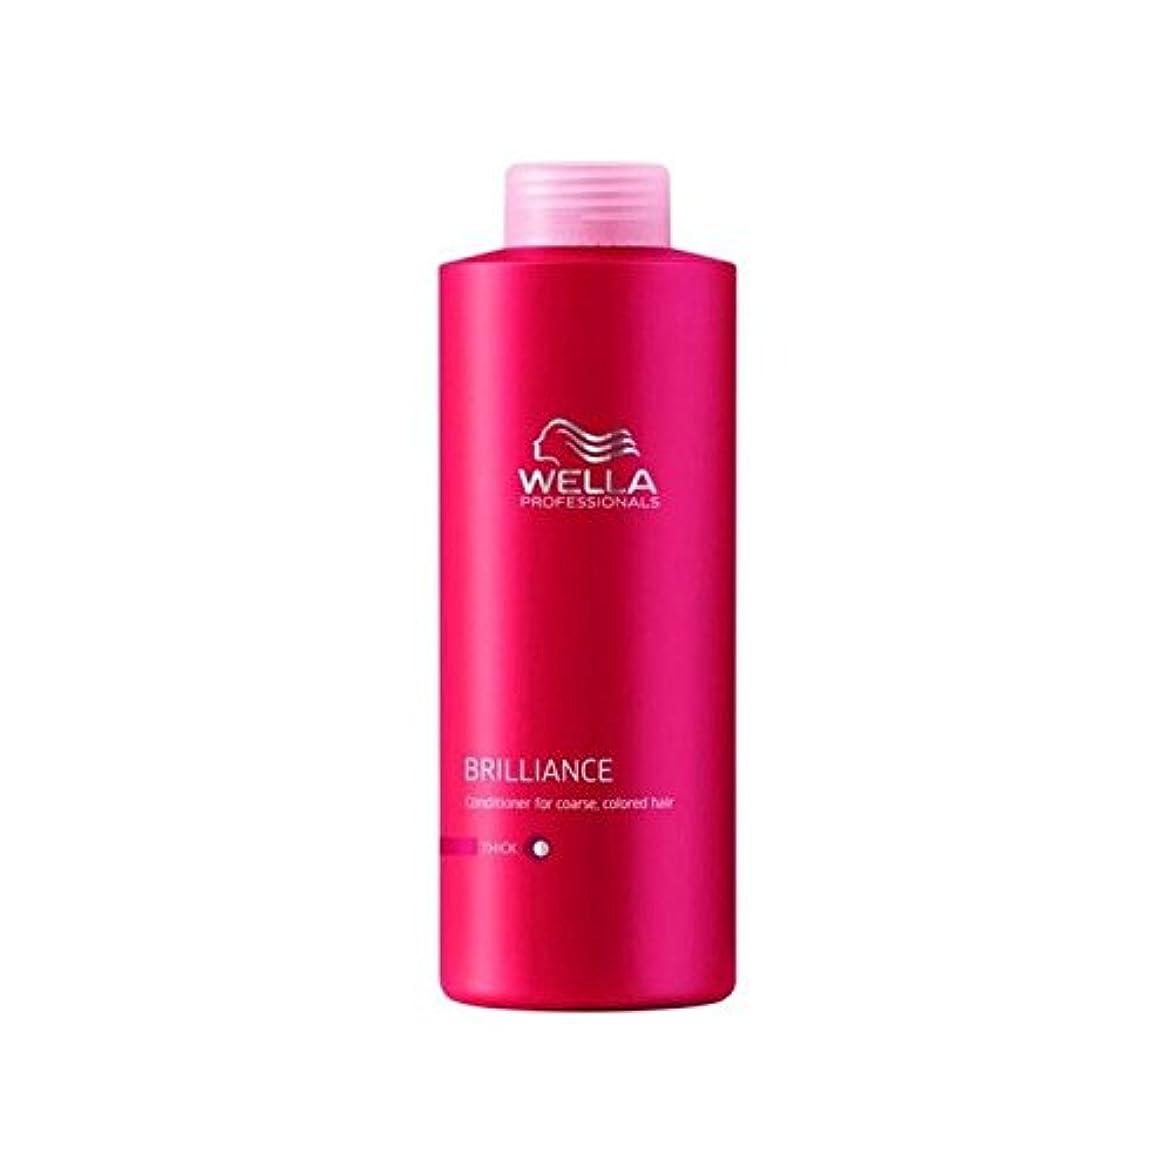 ウェラの専門家は粗いコンディショナー(千ミリリットル)をブリリアンス x2 - Wella Professionals Brilliance Coarse Conditioner (1000ml) (Pack of 2)...